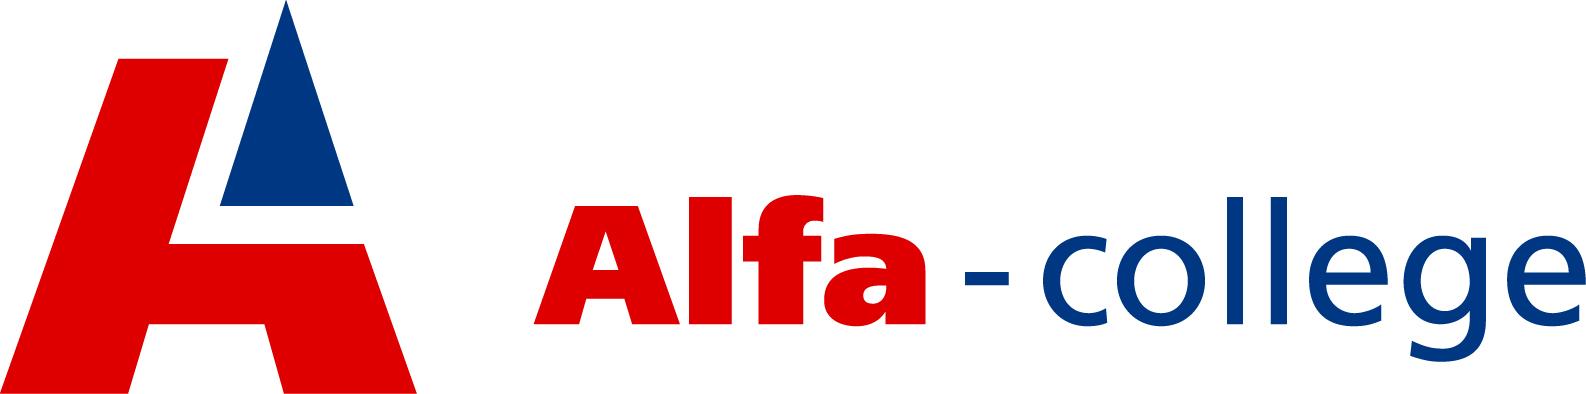 alfa-collega onderwijs